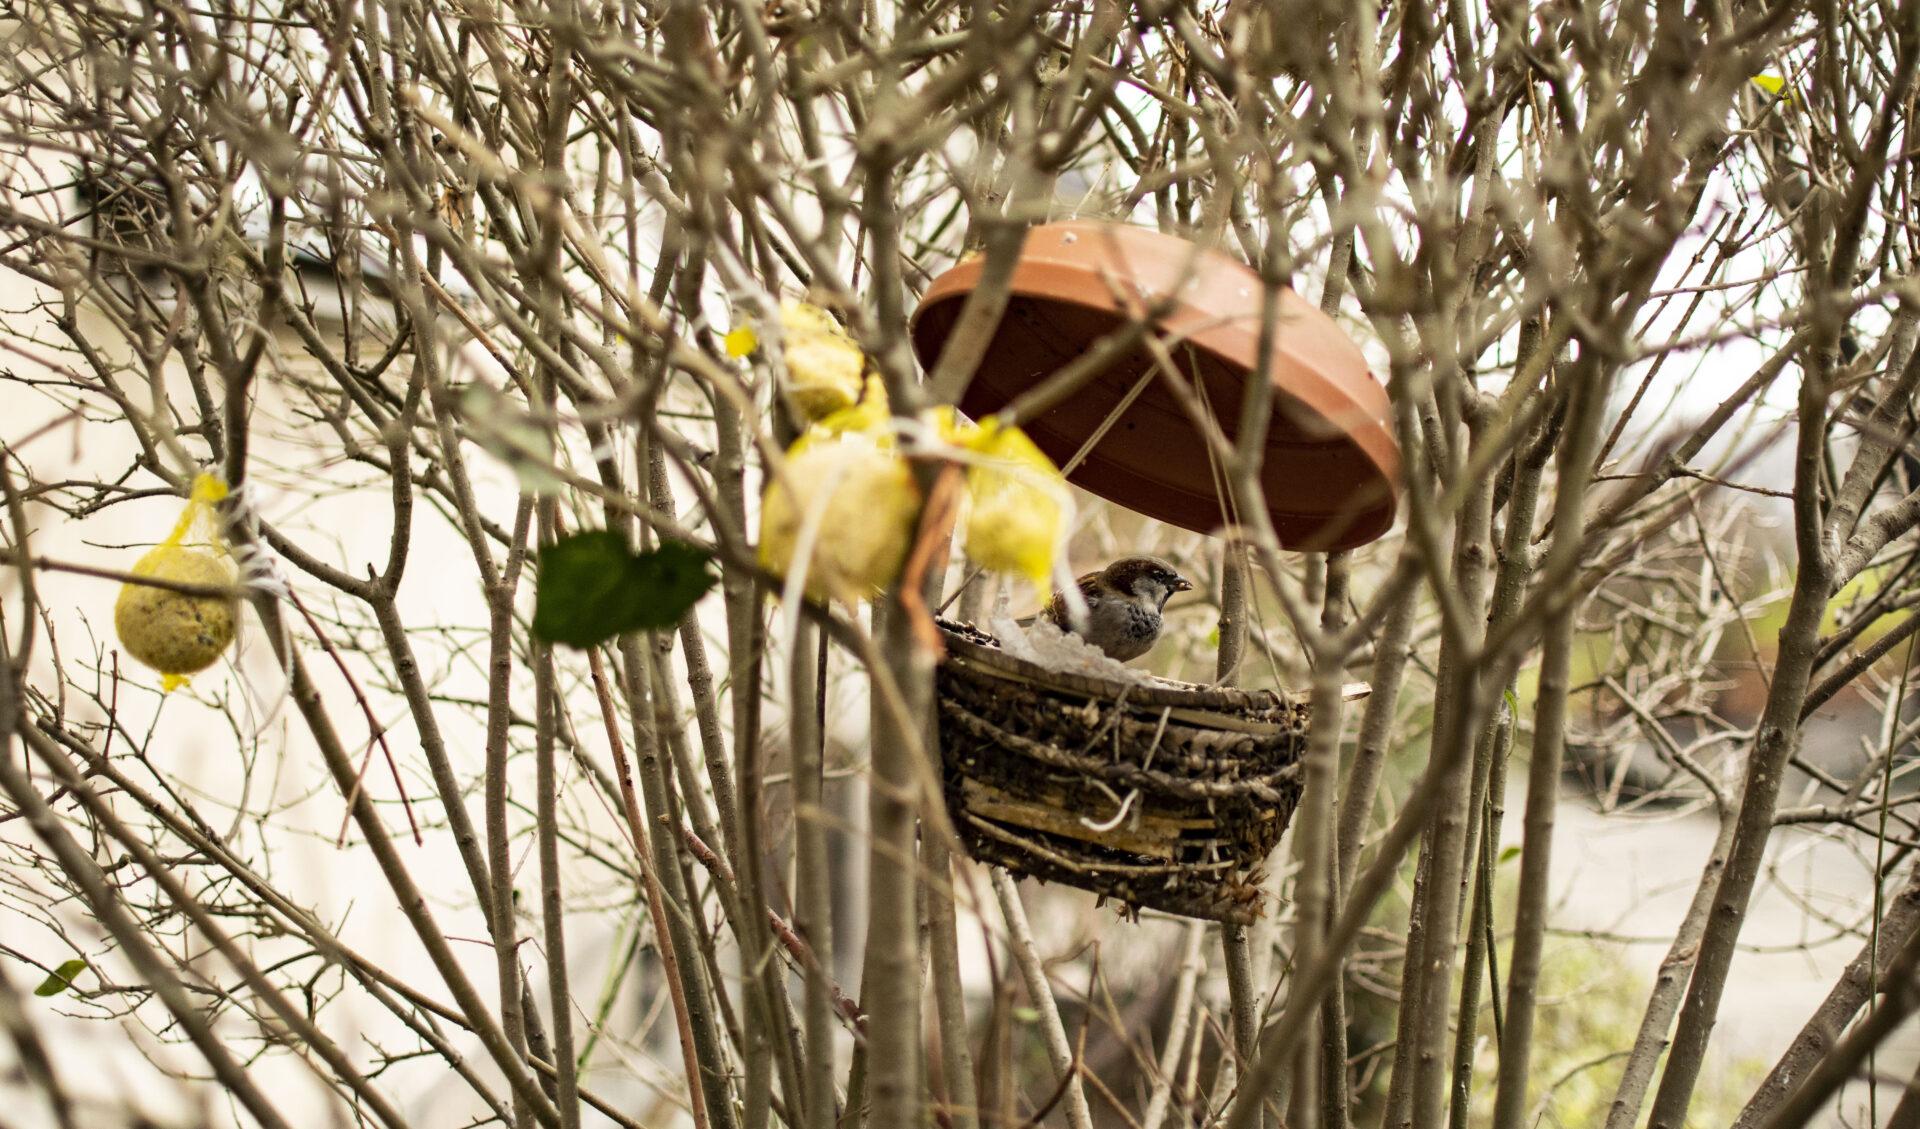 Zdjęcie wróbel wkarmniku ukrytym wkrzakach